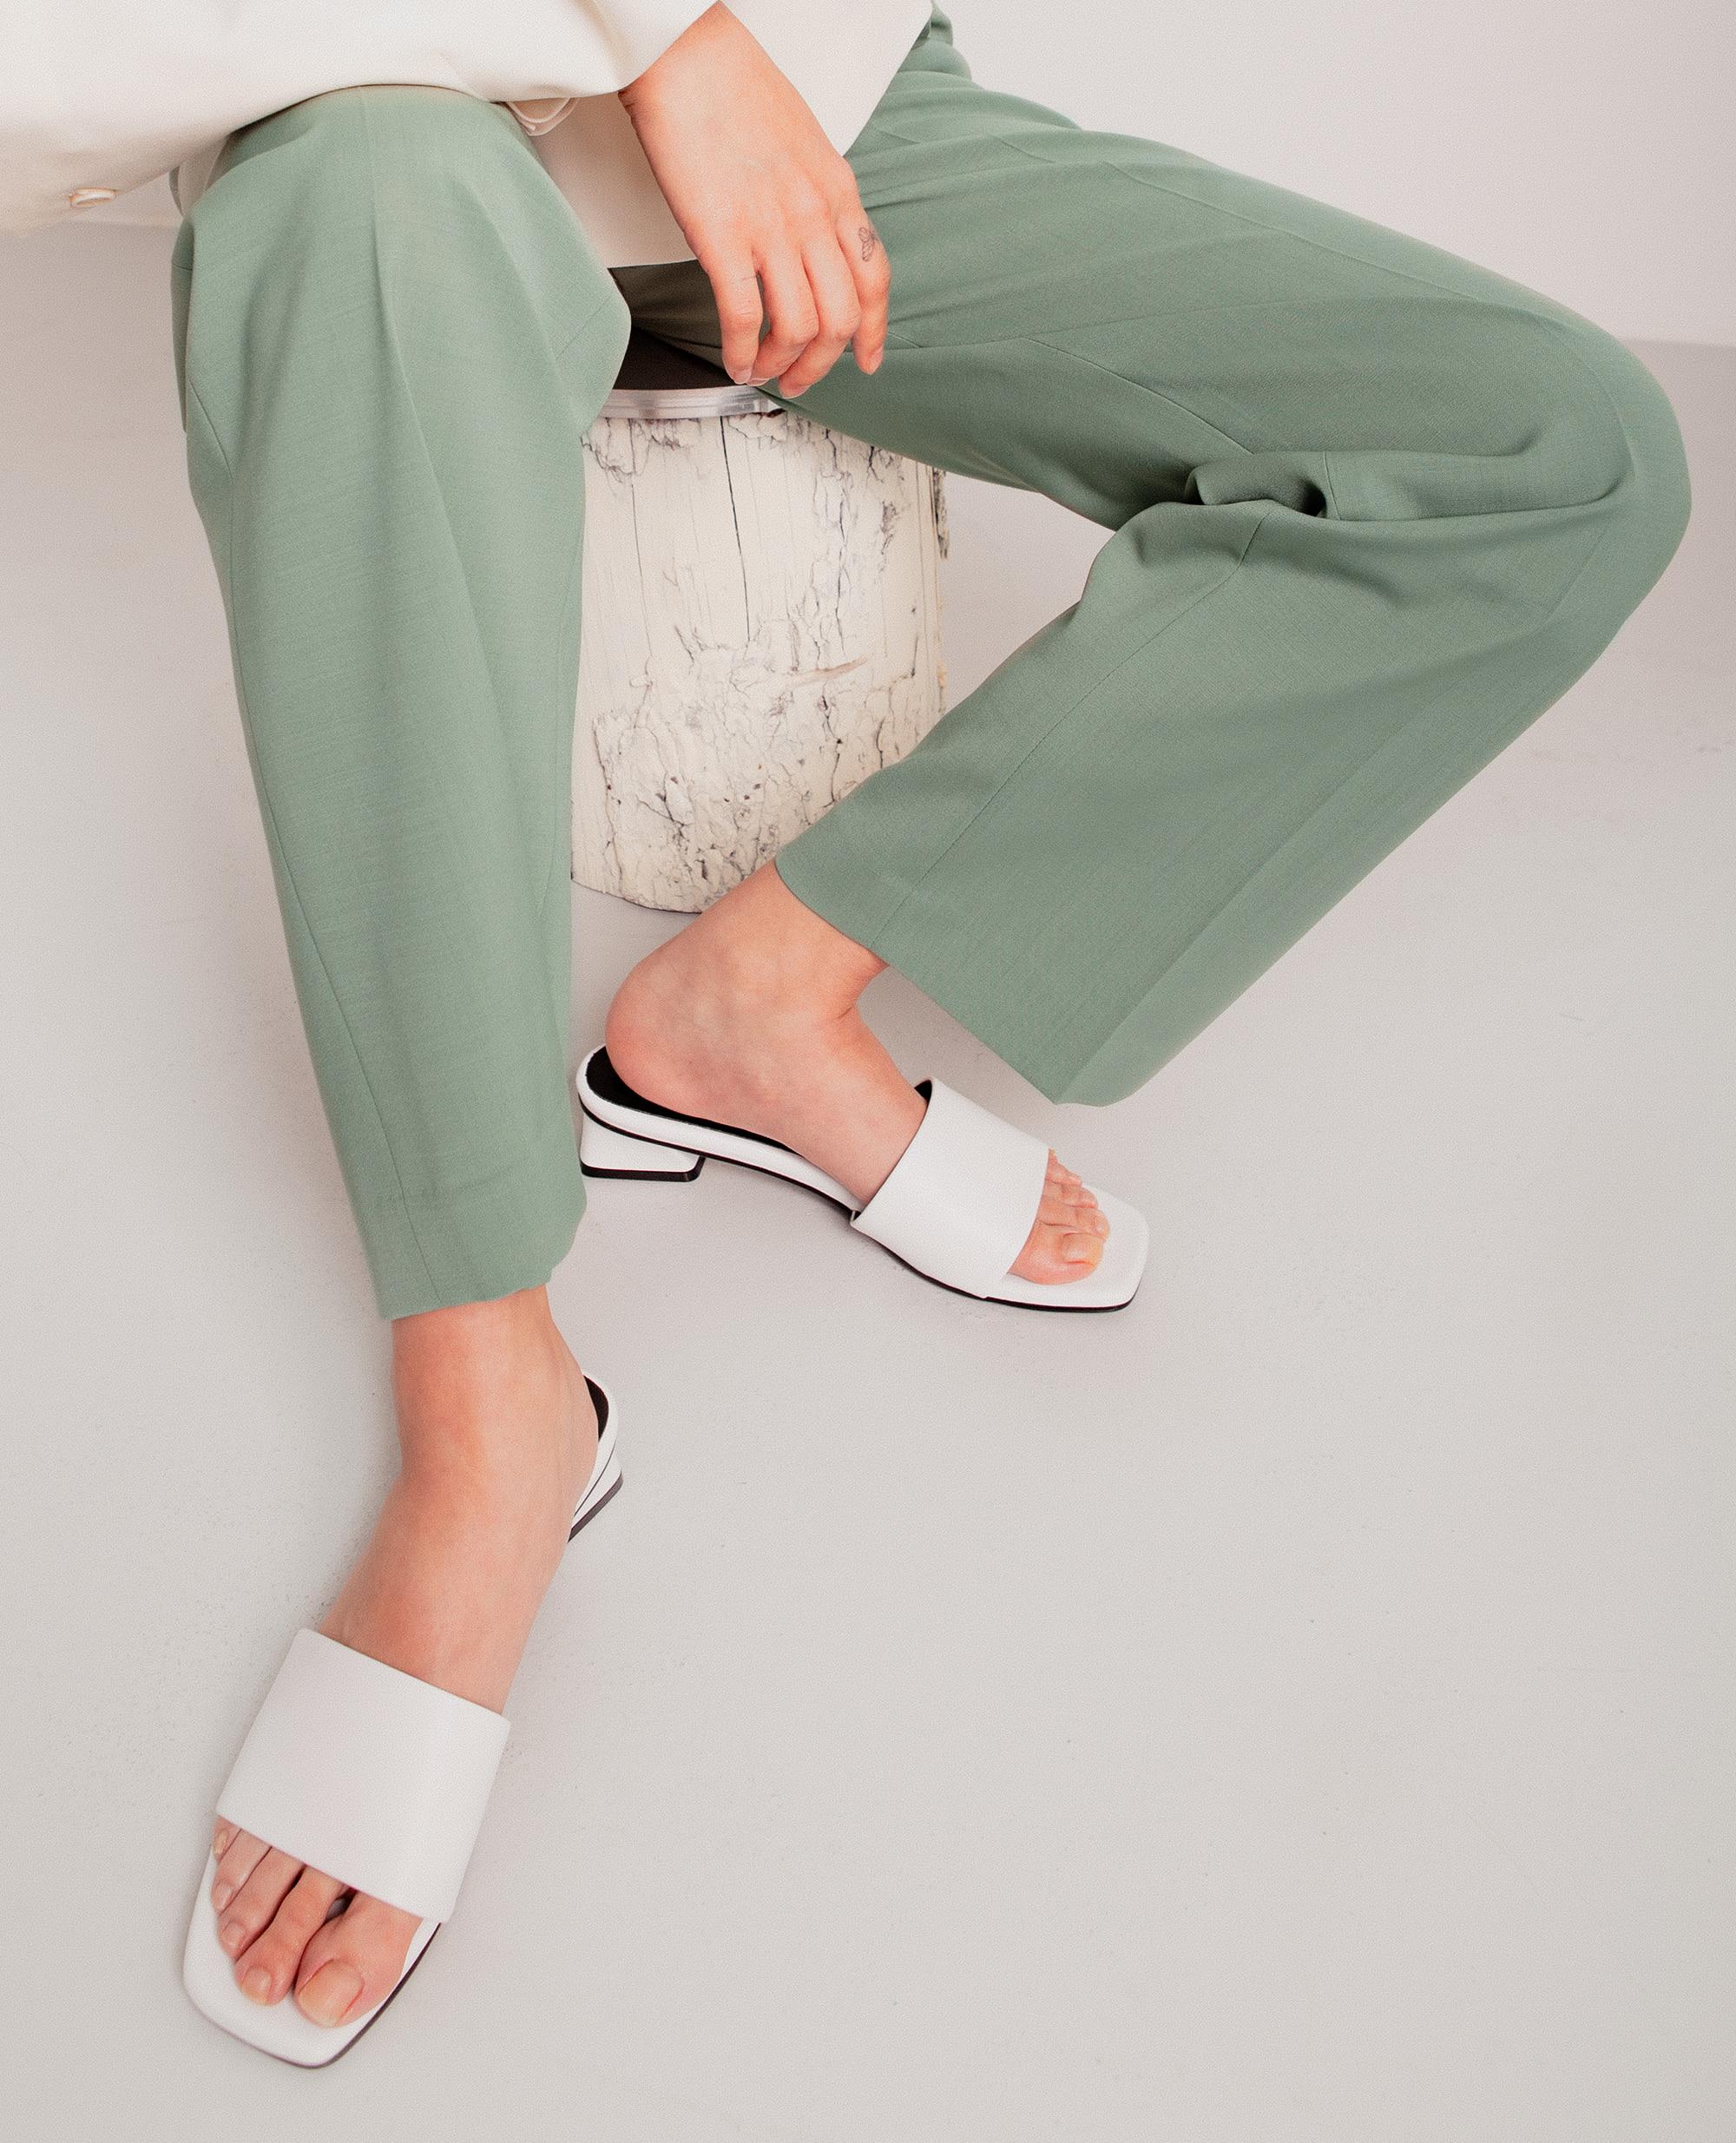 플랫아파트먼트써클, 플랫아파트먼트서클, 플랫슈즈, 슬라이드, 슬라이드샌들, 슬리퍼, 미드힐, 샌들, flatapartmentcircle, flat apartment circle, flat shoes, slides, slide sandals, flat shoes, slippers, mid heels, sandals